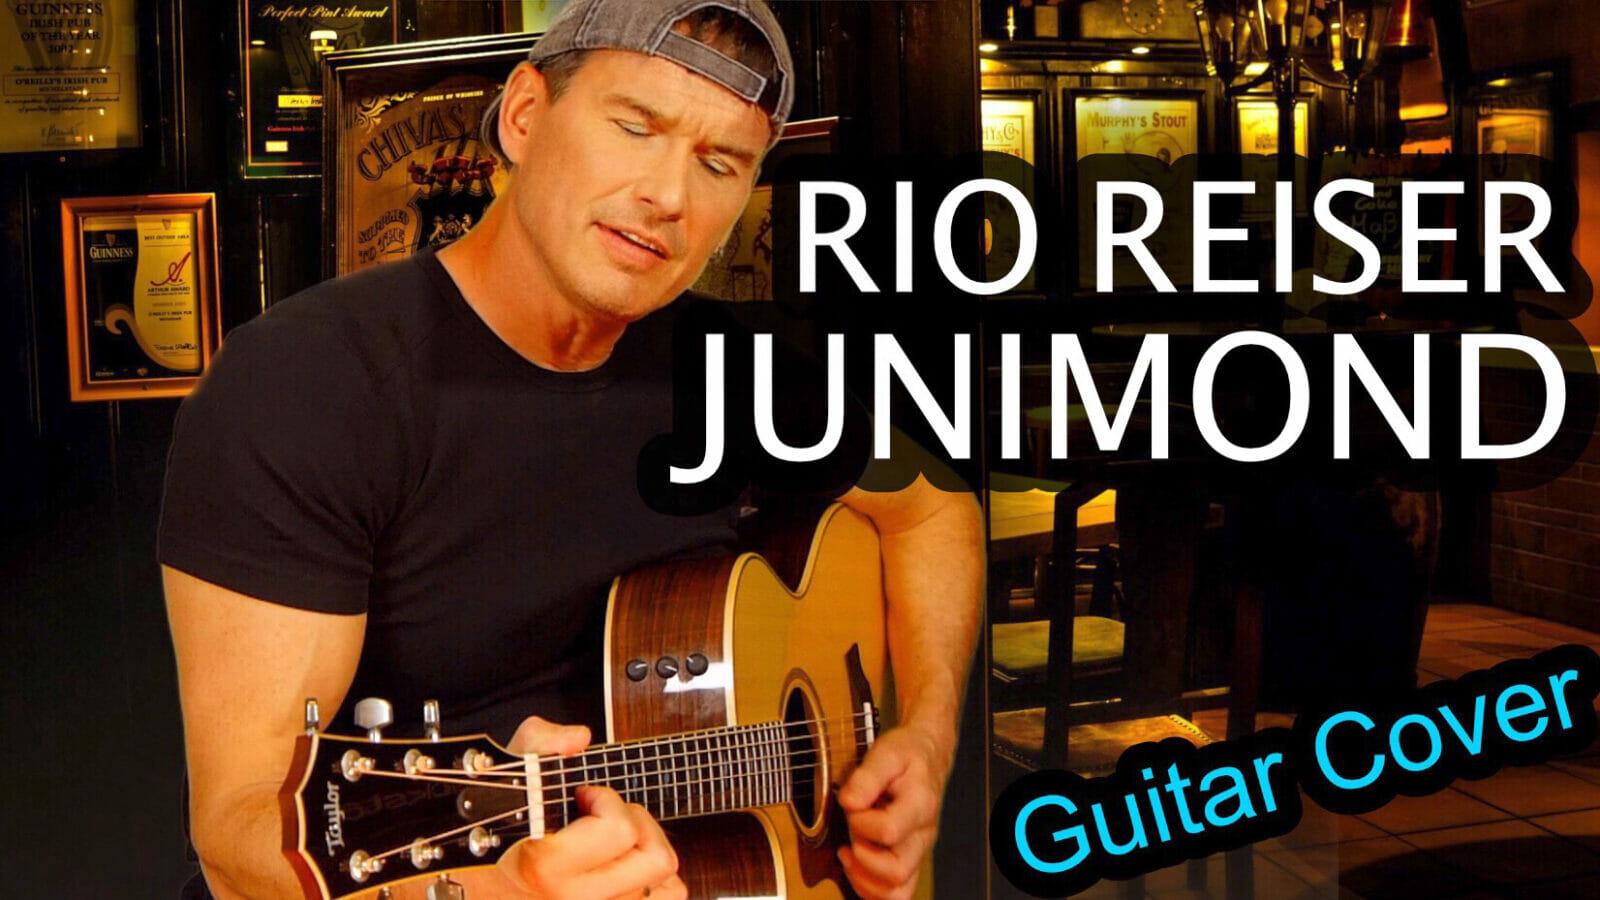 Junimond von Rio Reiser